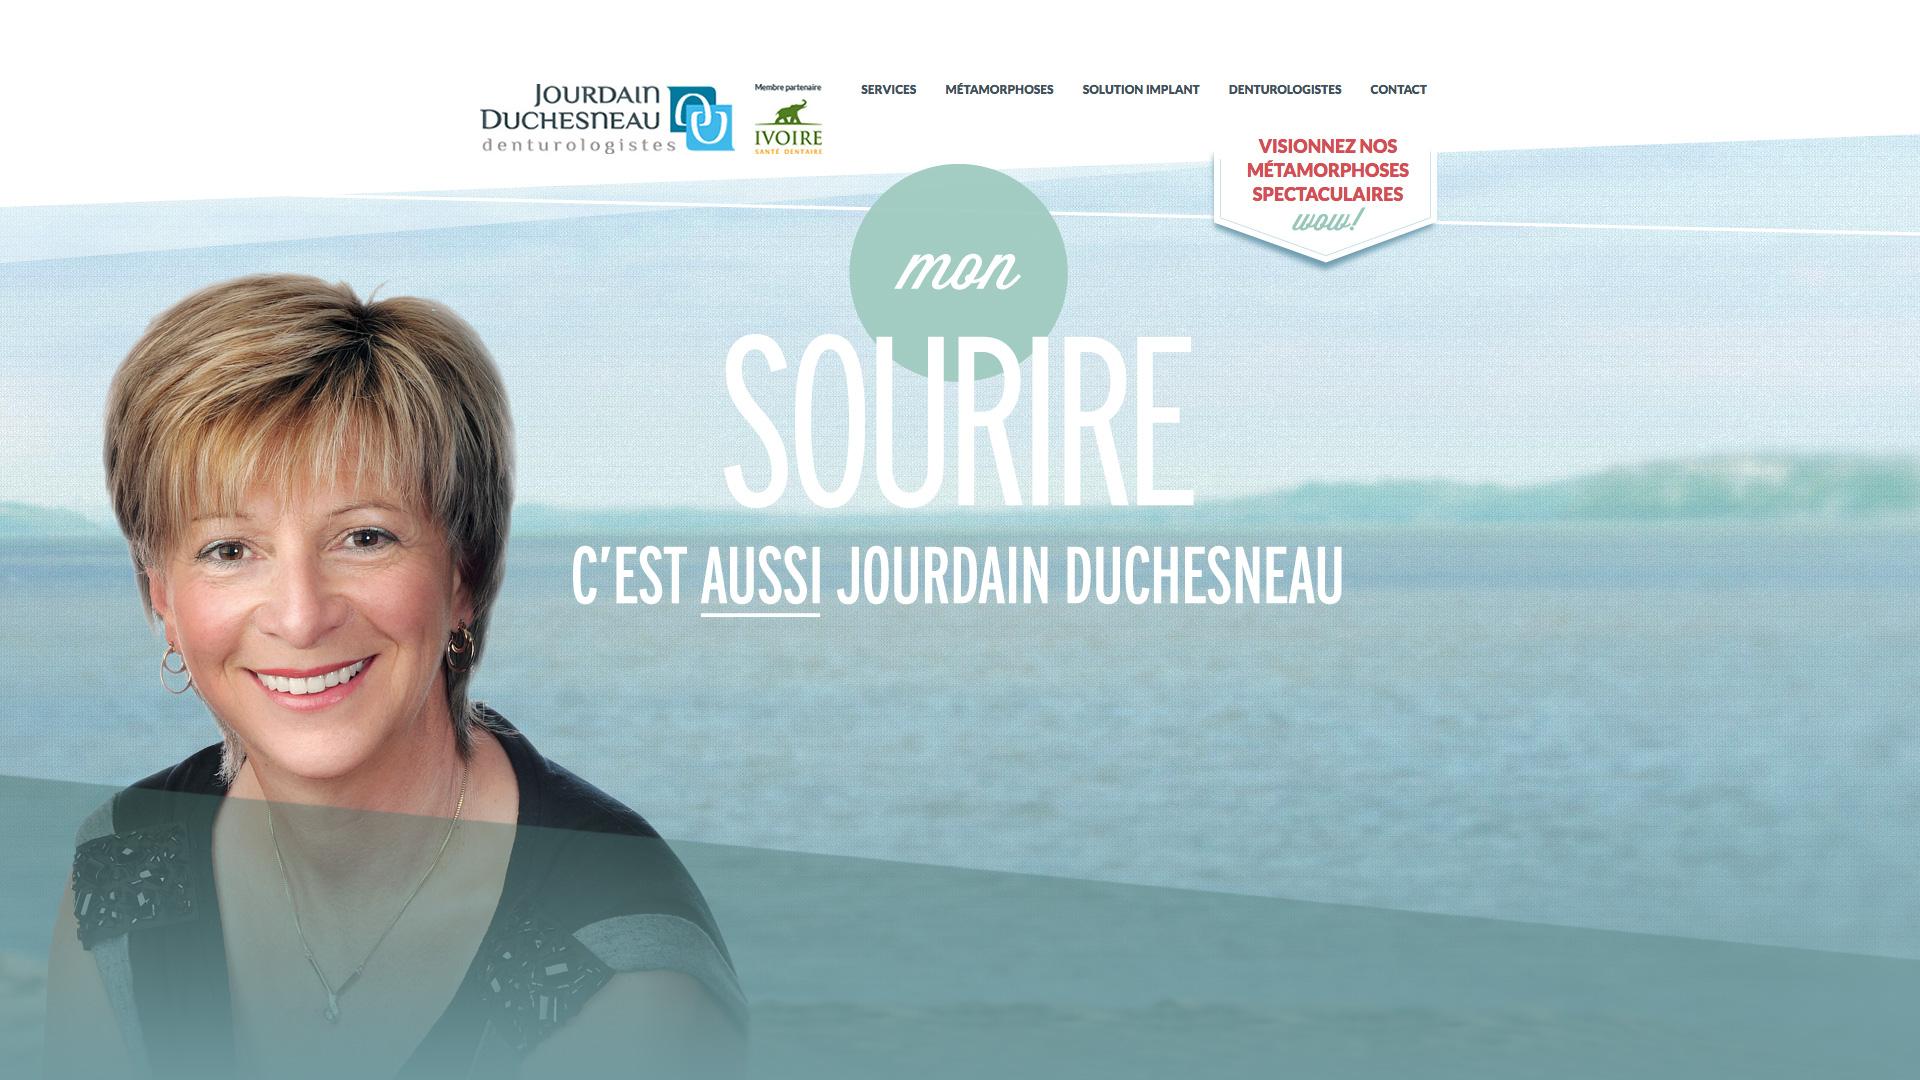 Jourdain Duchesneau